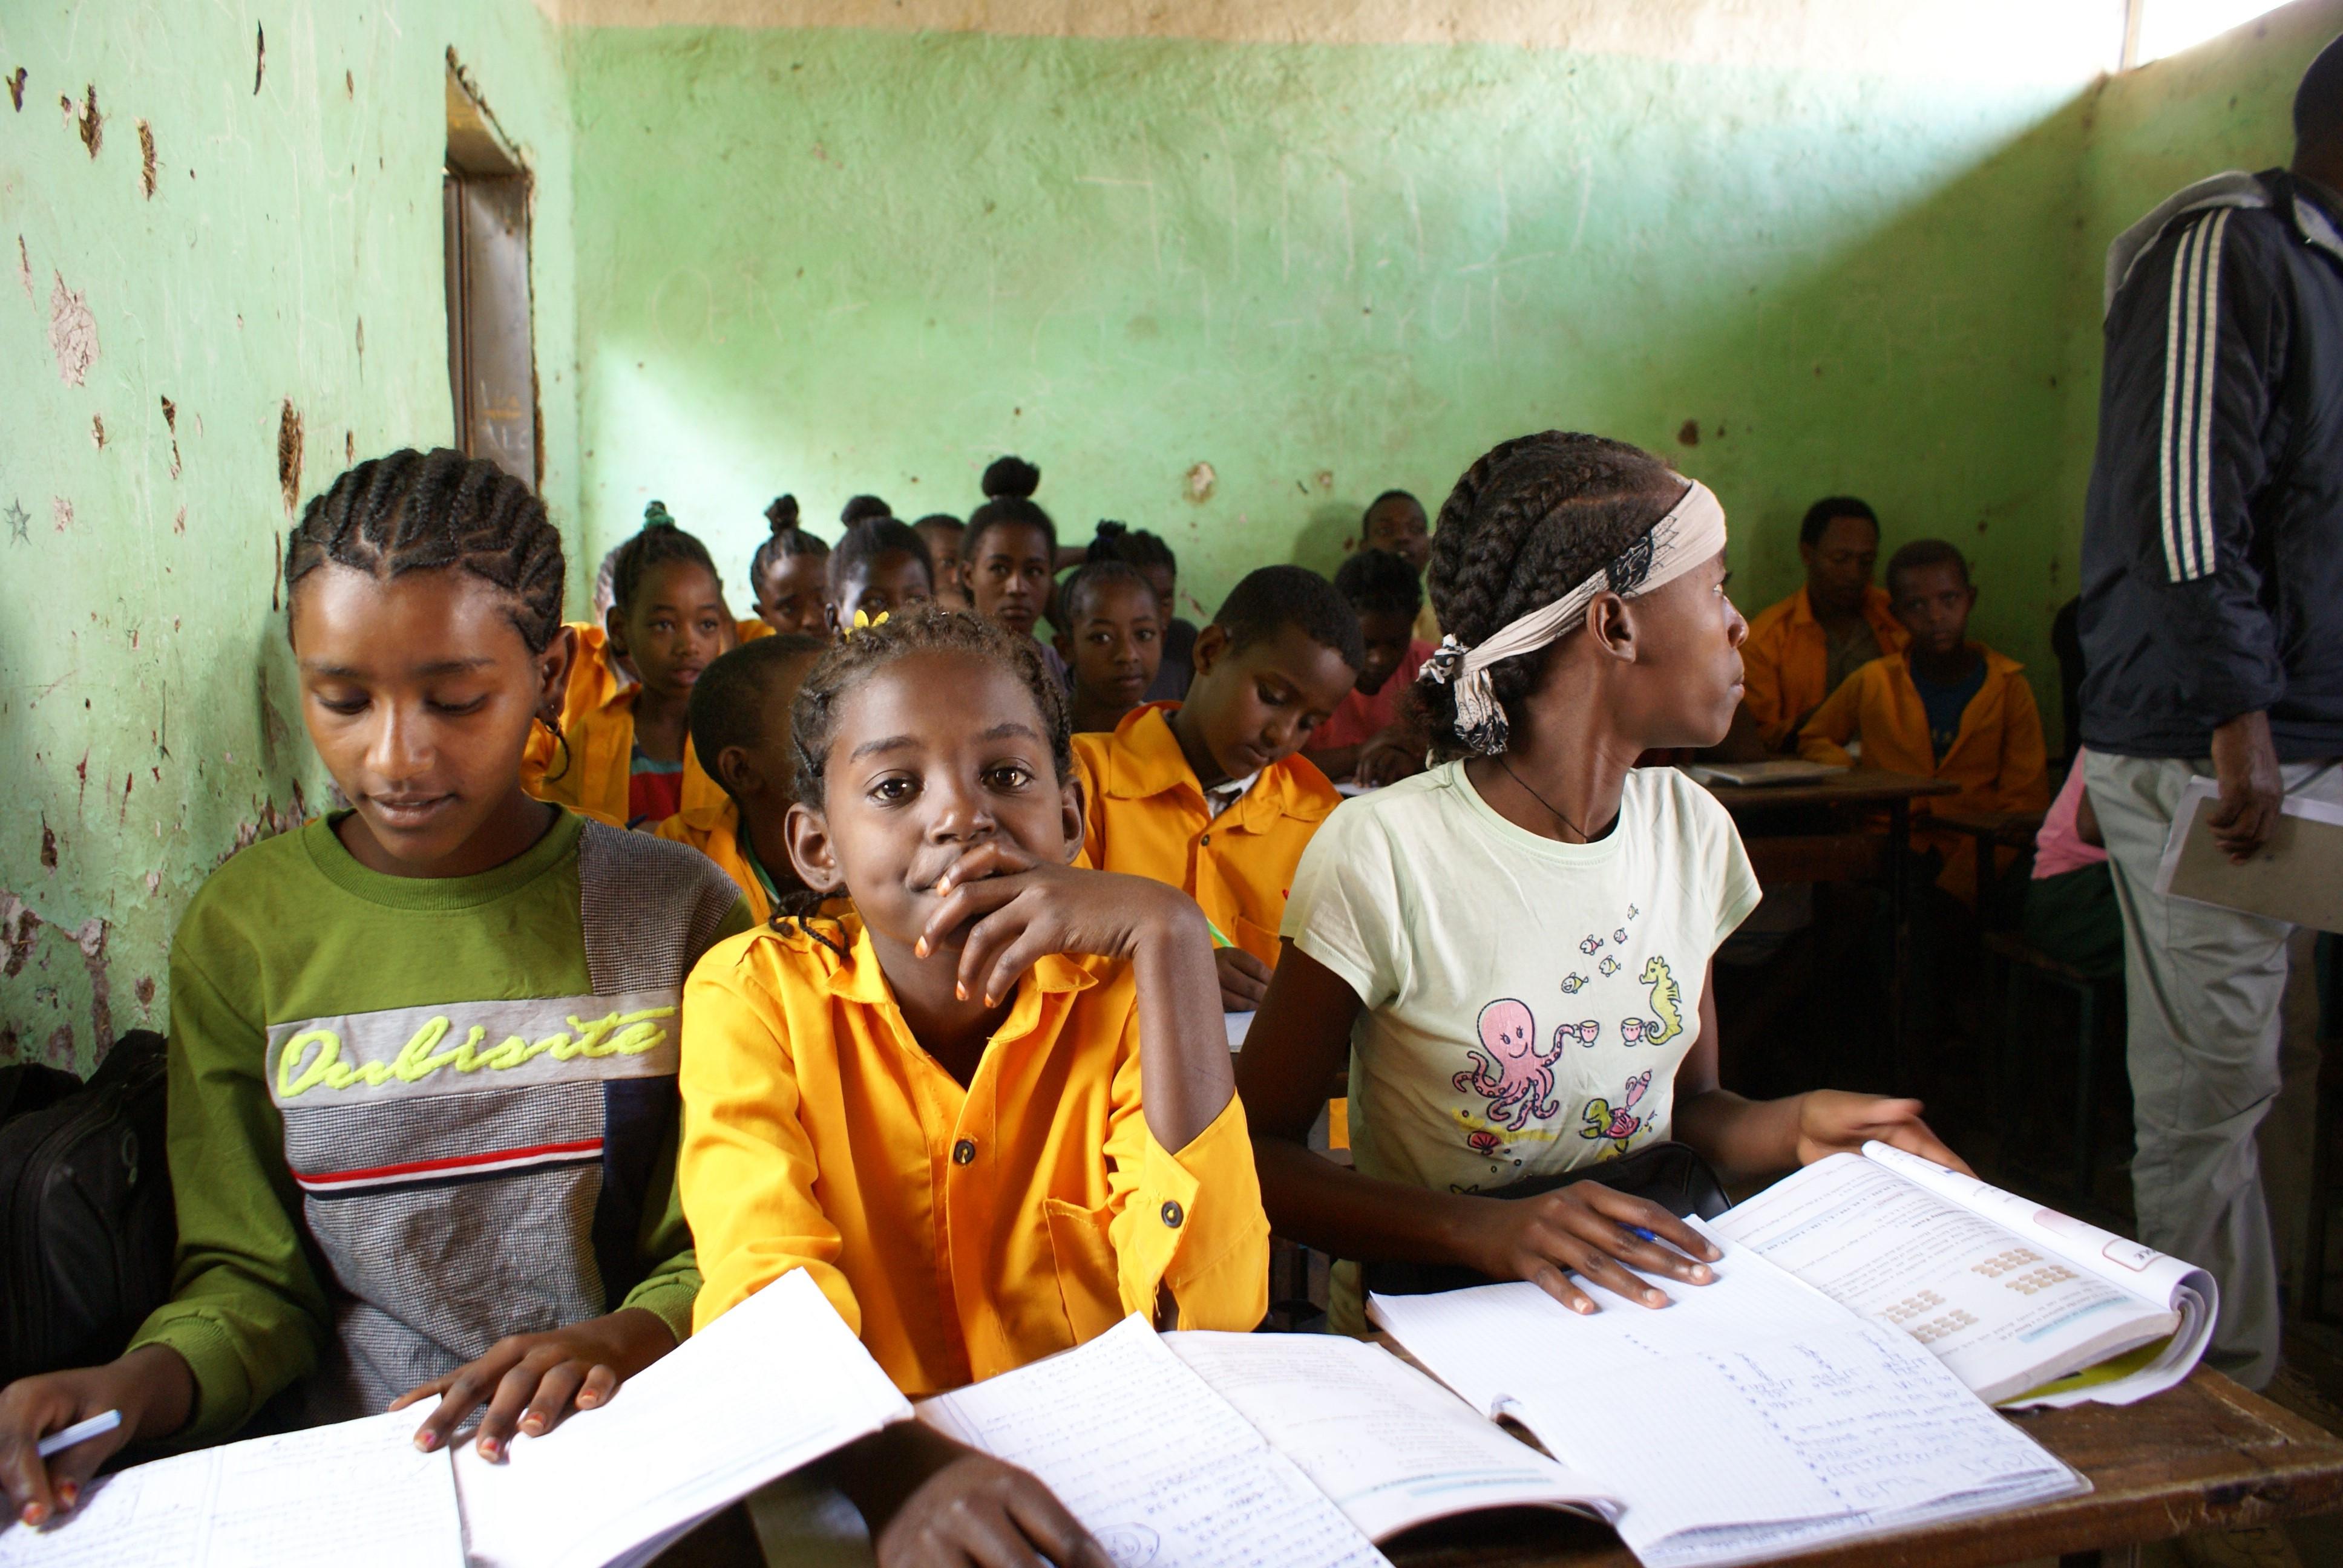 Kuvassa kolme koululaista. Vain puolet koulunsa aloittavista tytöistä saavuttaa viidennen luokan. Suurin syy koulupudokkuuteen on köyhyys. Mitä pidemmälle nämä kuudennen luokan tytöt pystyvät sinnittelemään koulussa, sitä todennäköisemmin he myös etenevät yläkouluun. Kuva: Leo Pekkala.